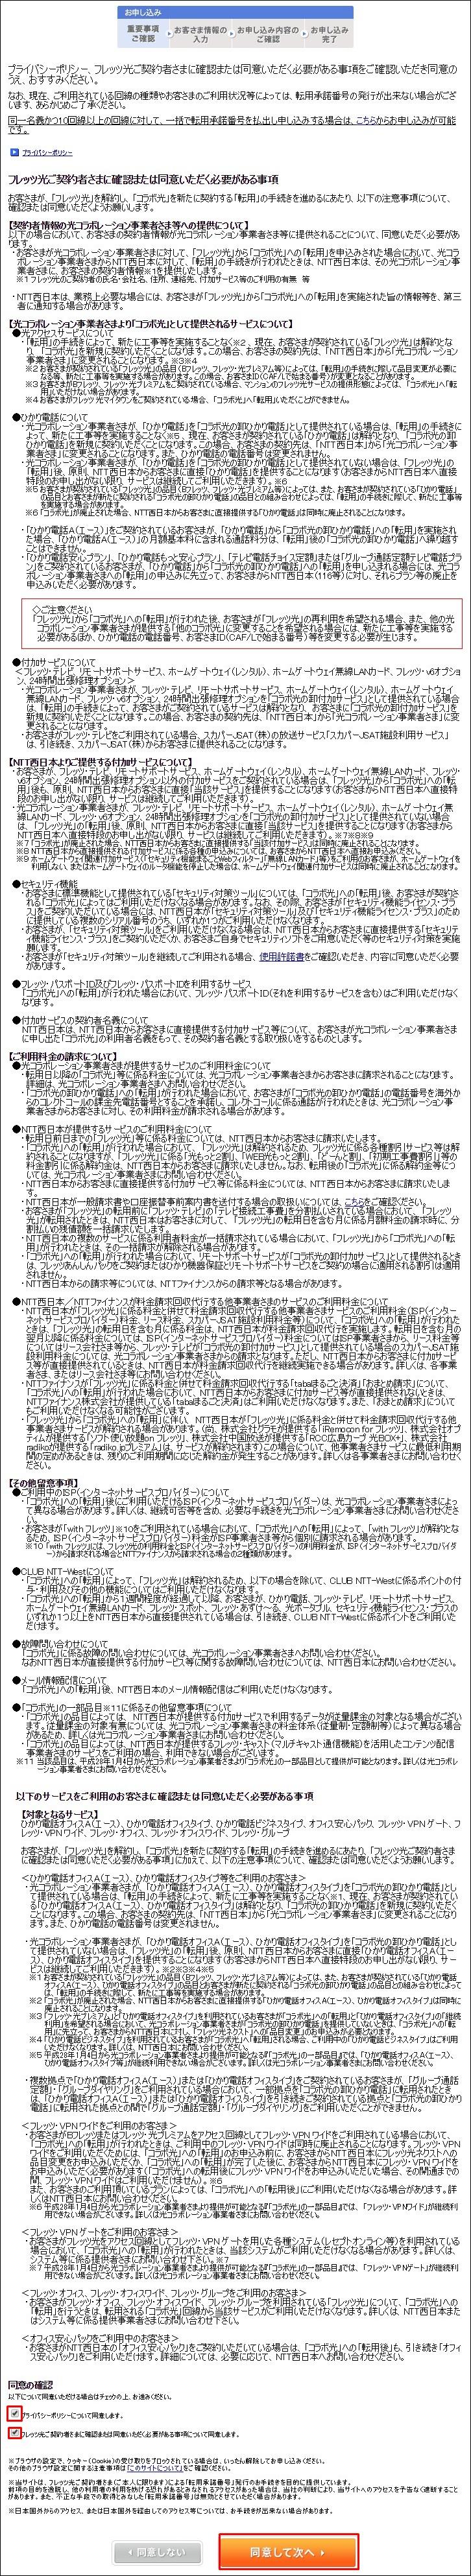 NTTのフレッツ光回線の転用承諾番号を取得する方法(ながーい規約を読んで同意)